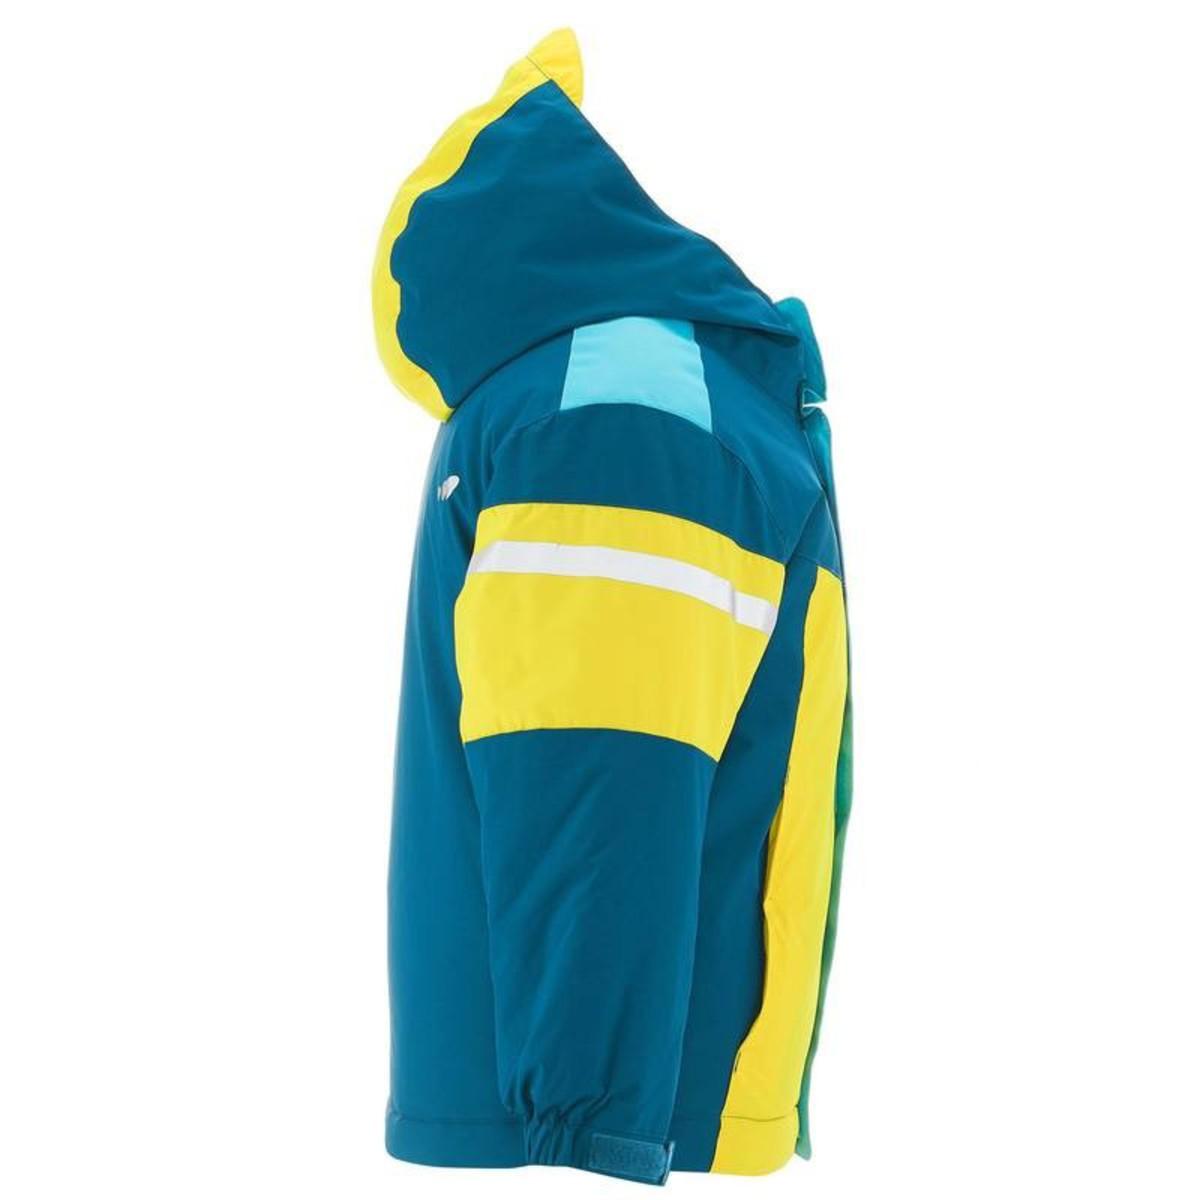 Bild 2 von WED´ZE Skijacke 300 Kinder blau/gelb, Größe: 3 J. - Gr. 95